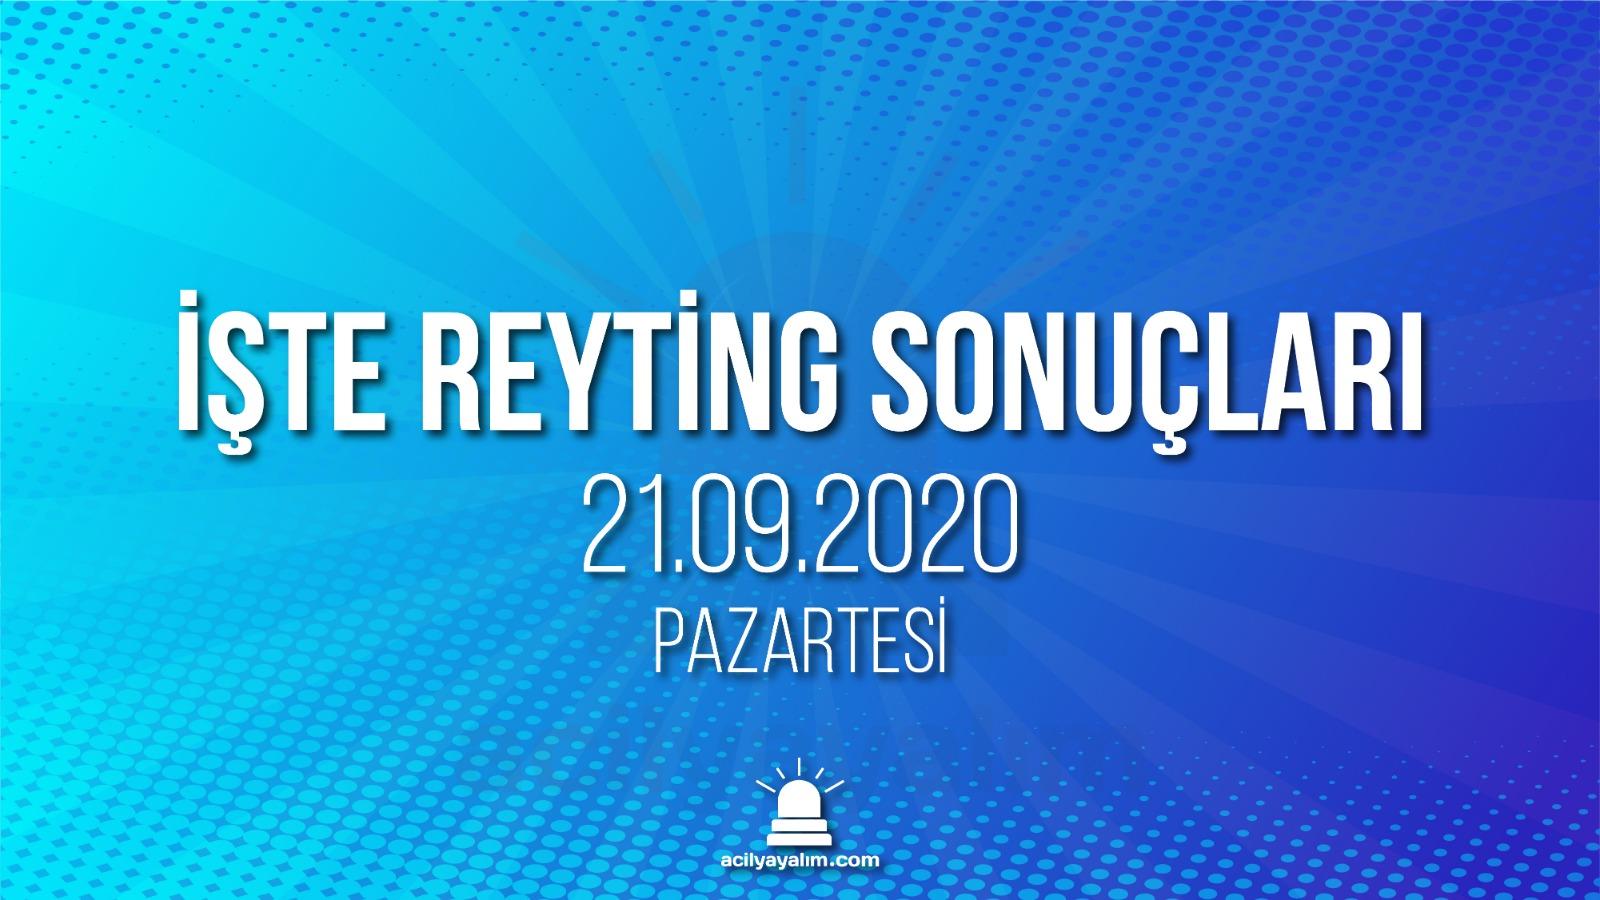 21 Eylül 2020 Pazartesi reyting sonuçları